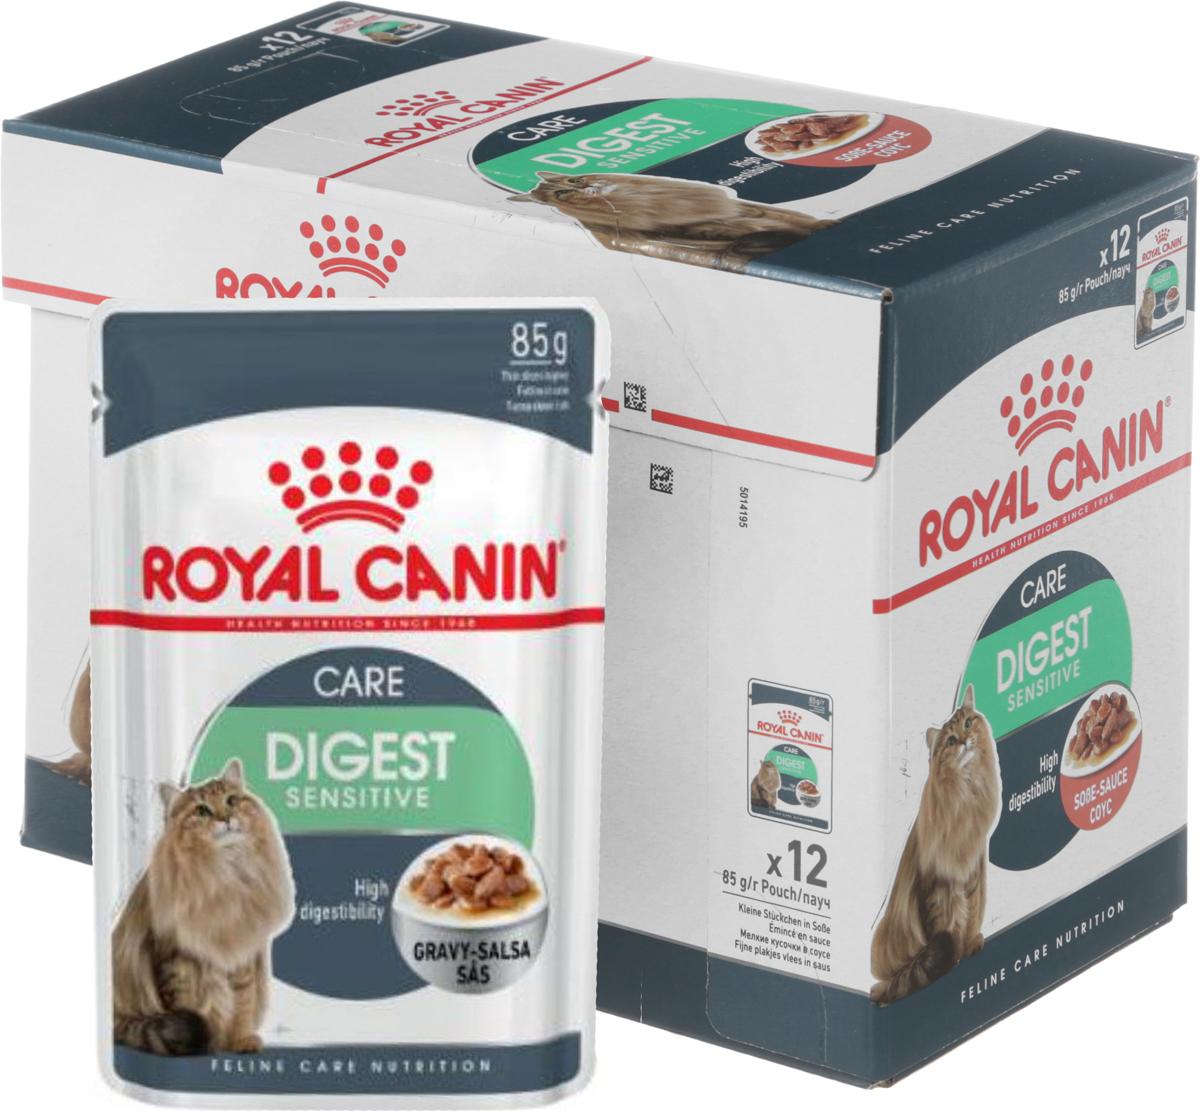 Консервы Royal Canin Digest Sensitive, для кошек с чувствительным пищеварением, мелкие кусочки в соусе, 85 г, 12 шт